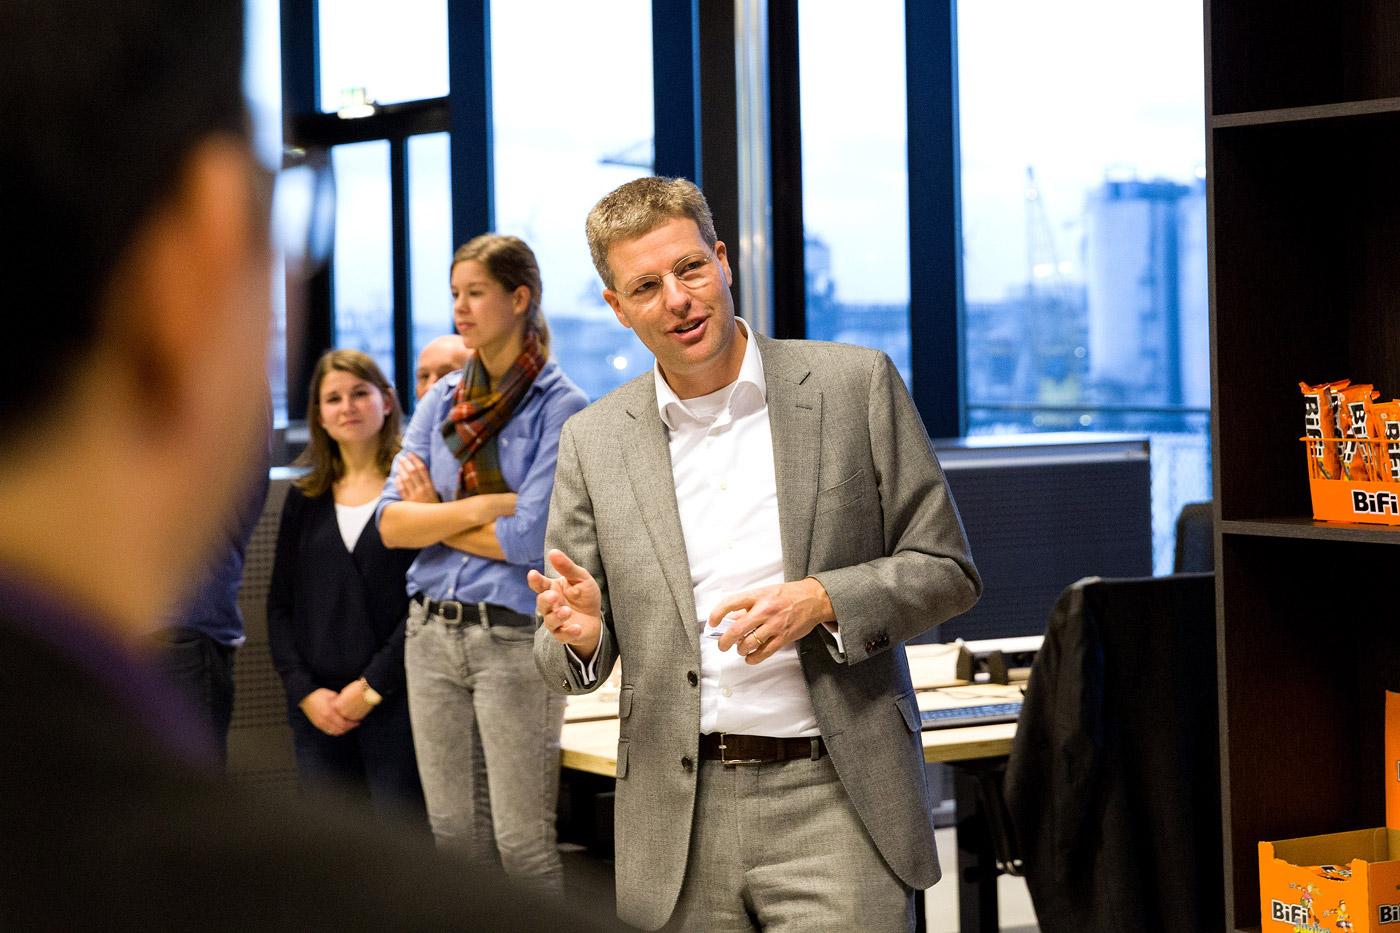 jacklinks-bifi-peperami-amsterdam-feest-receptie-hoofdkantoor-opening-baas-toespraak